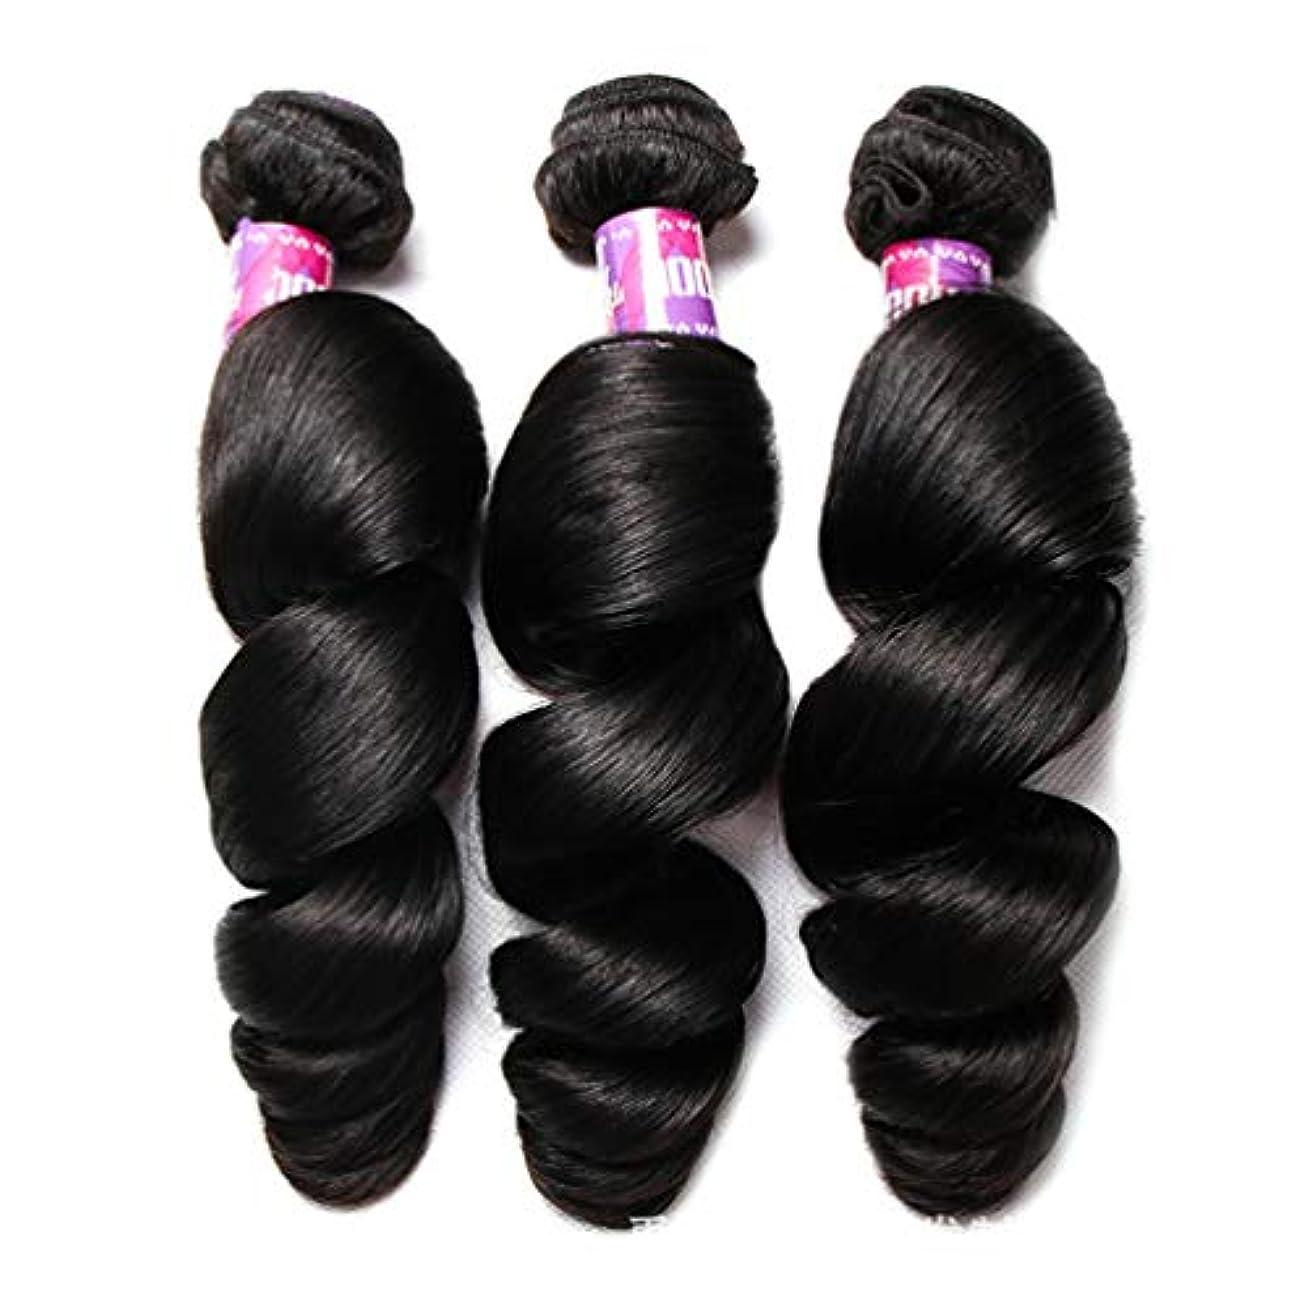 使用法マークダウン直接ブラジルのボディウェーブの毛100%Remyの人間の毛髪の織り方延長未処理のバージンのブラジルの毛(3束)